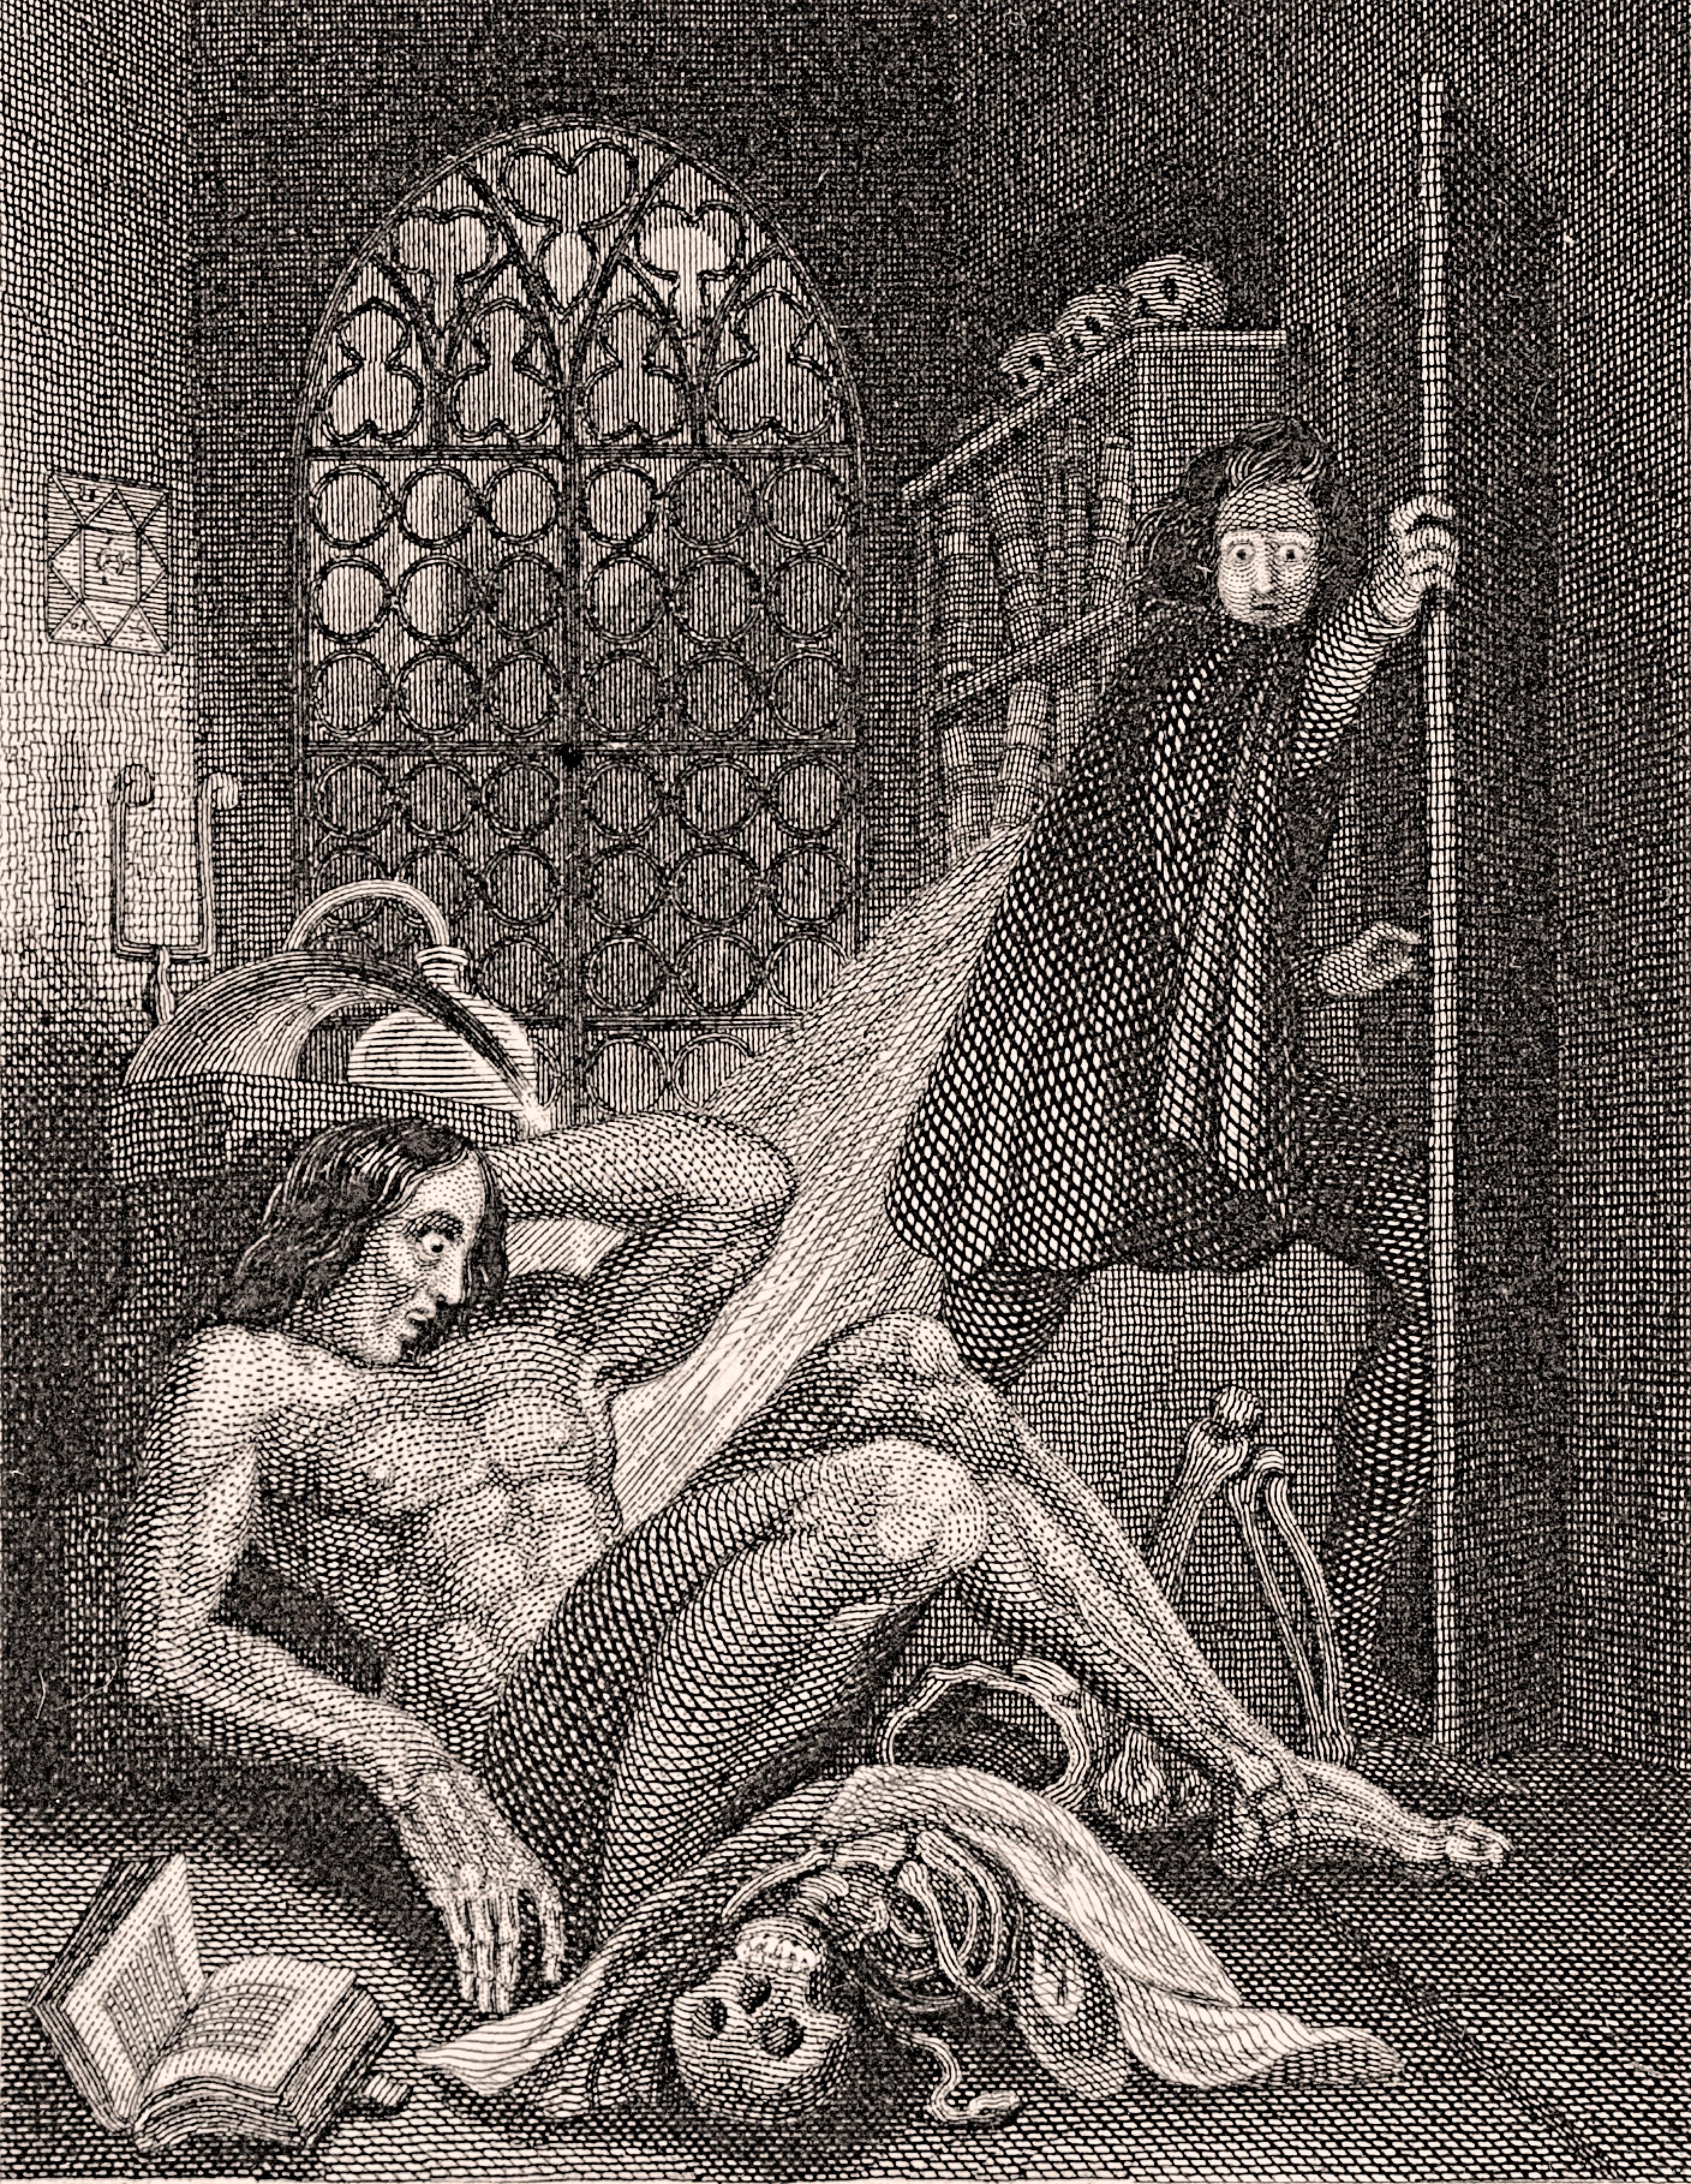 Ilustración de Theodor von Holst para la edición de Frankenstein de 1831